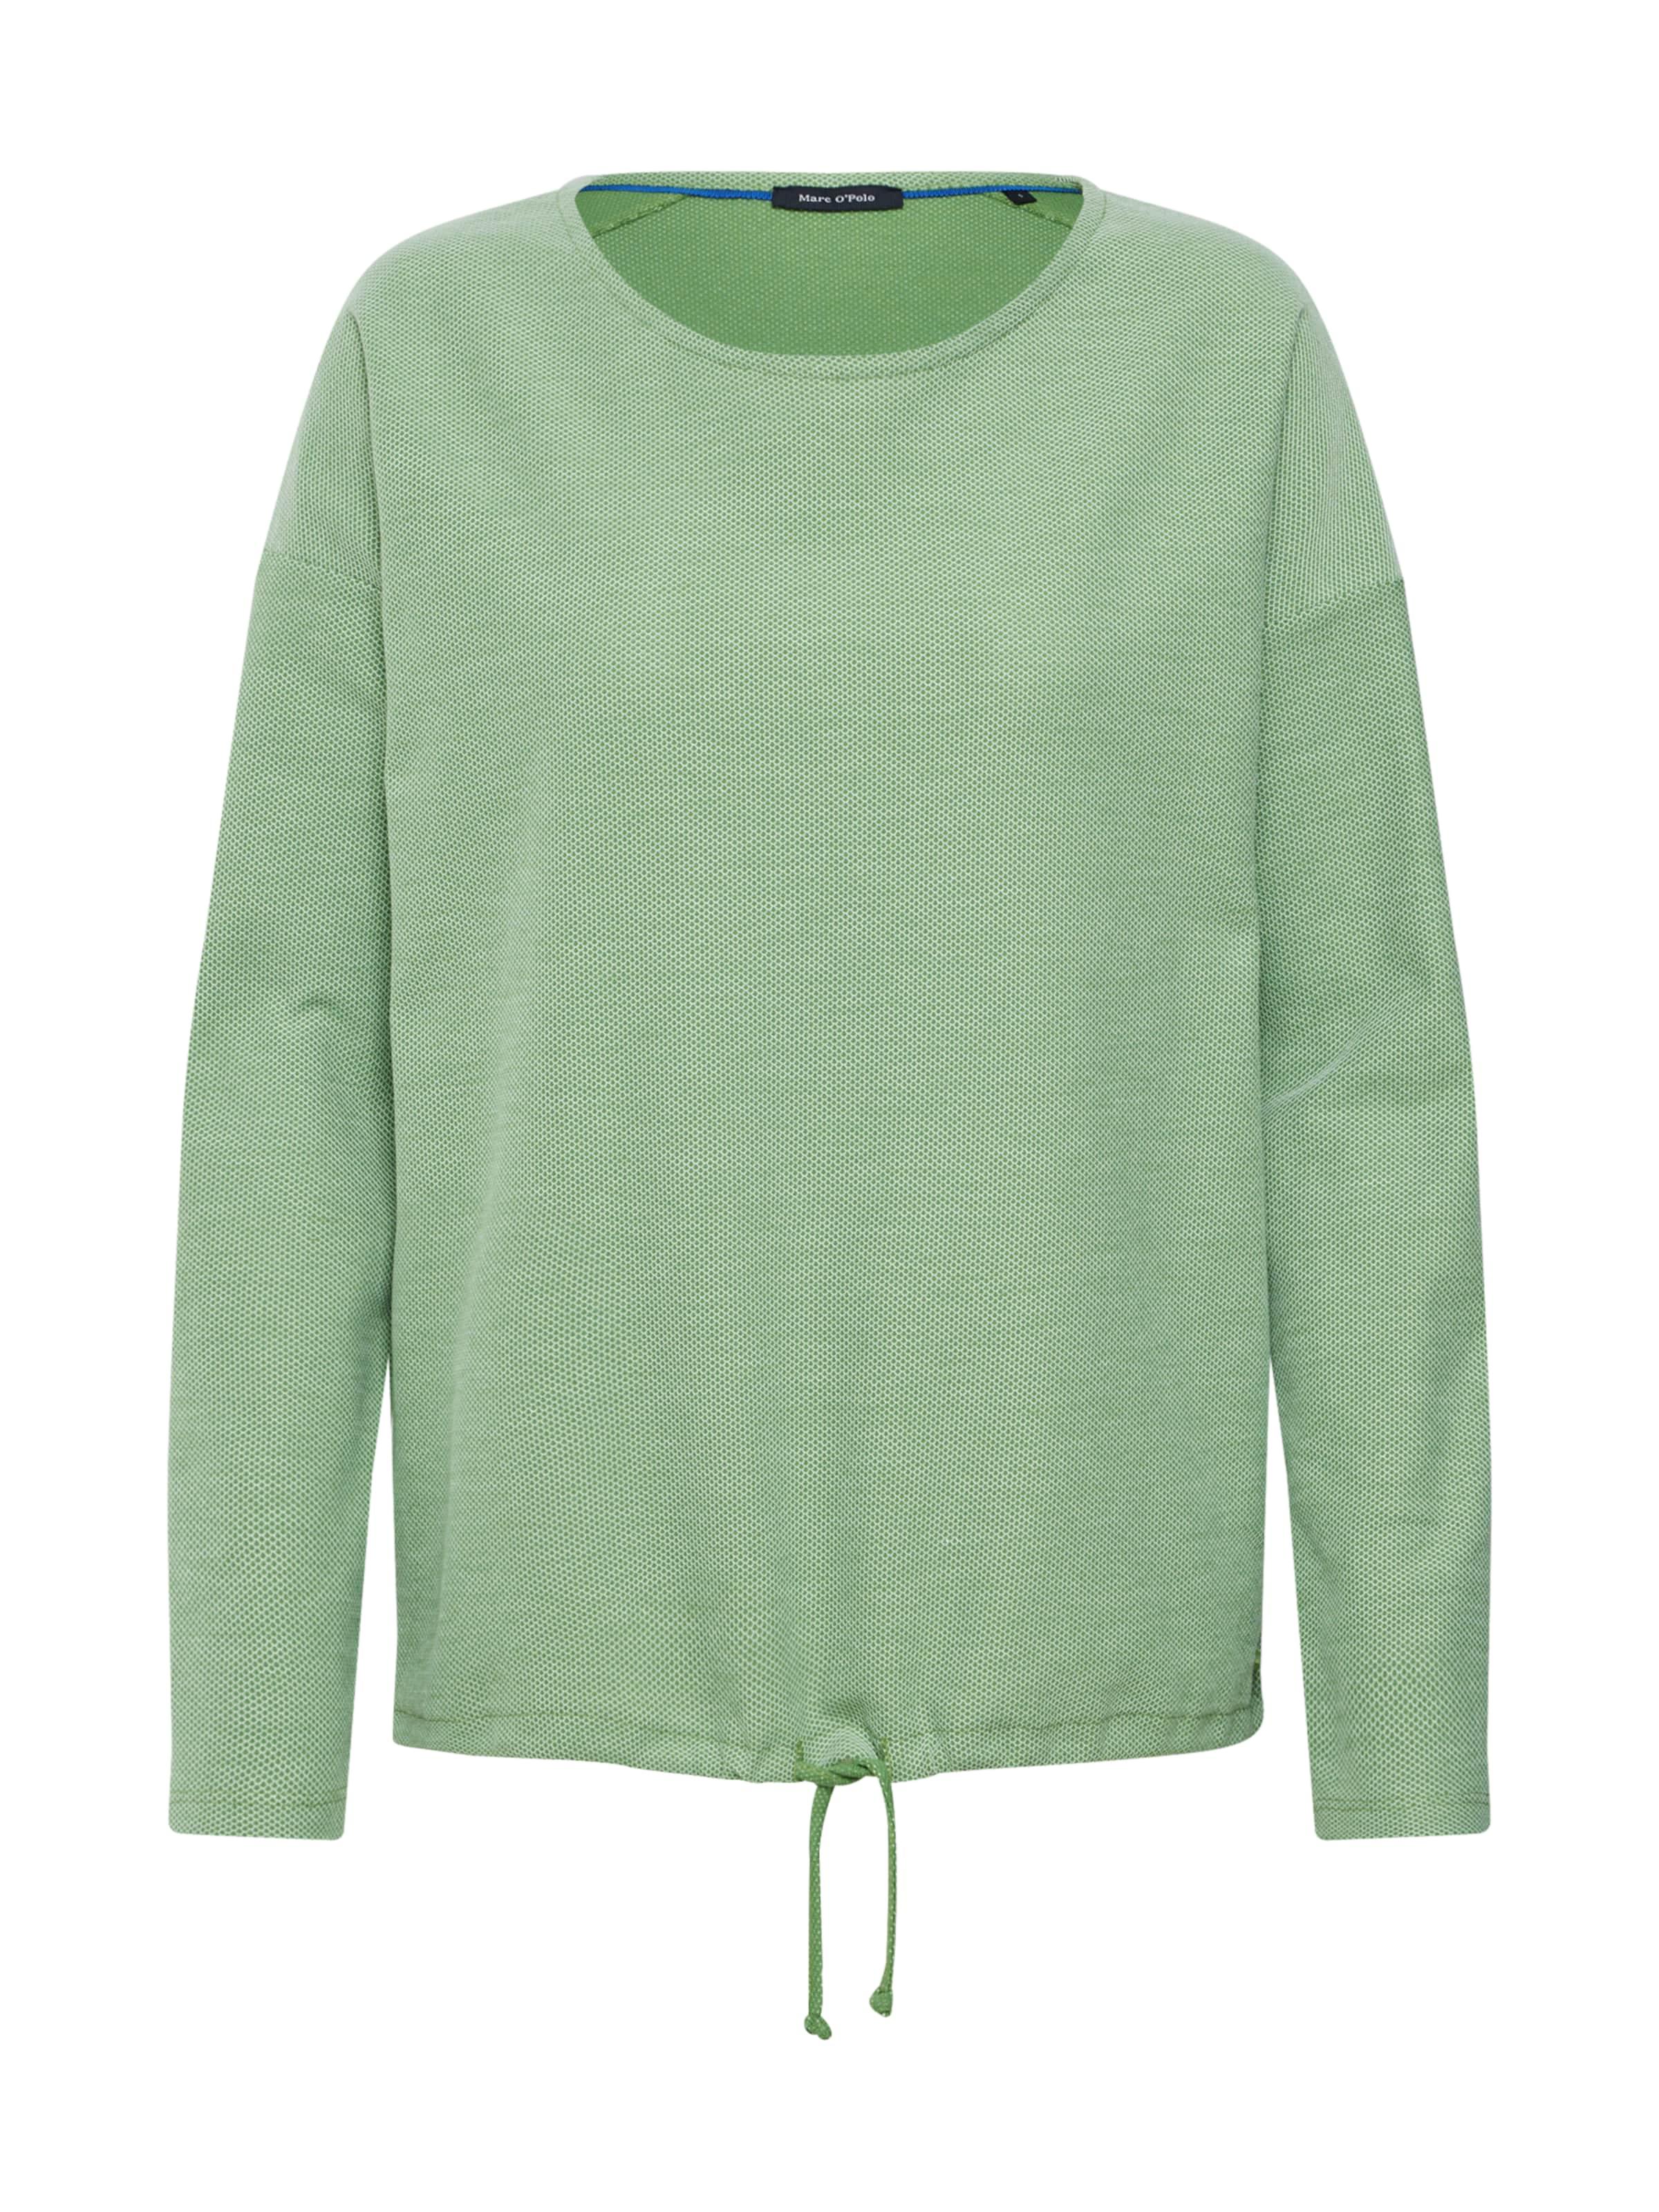 Hellgrün O'polo 't Marc Shirt shirts Long Sleeve' In ZkiOPuX